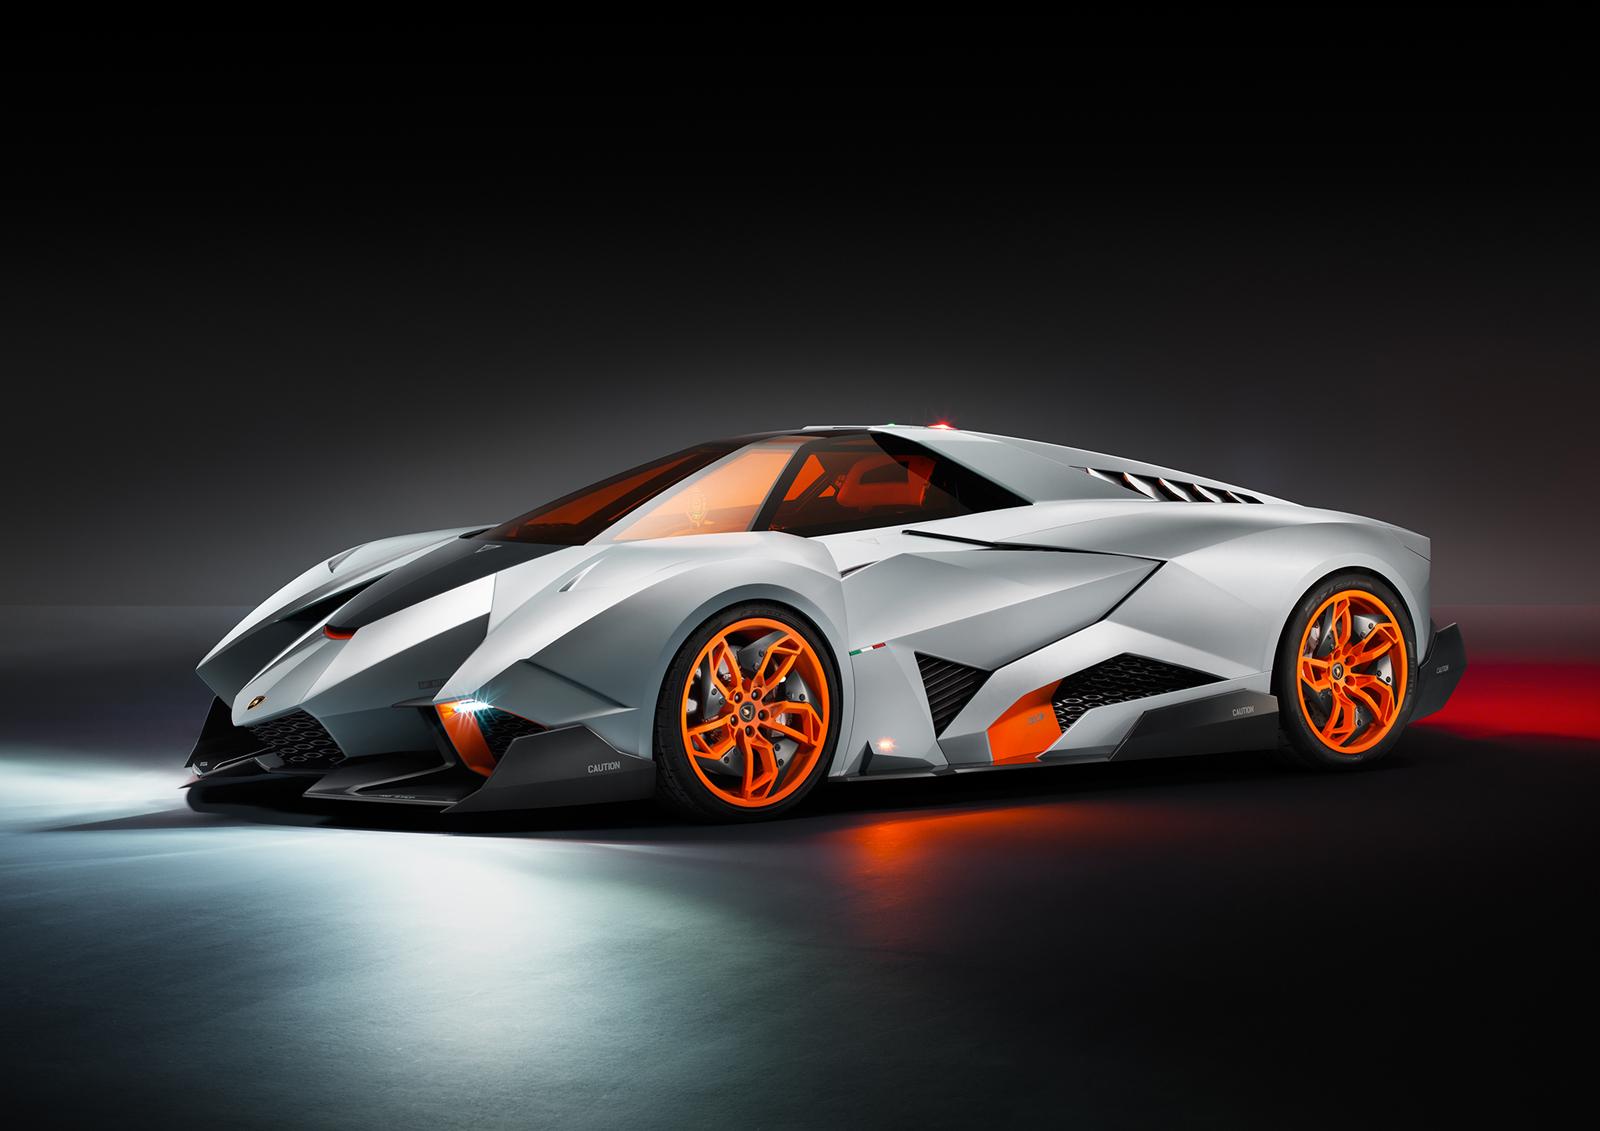 o lamborghini egoista the more extreme better - Lamborghini Veneno Silver